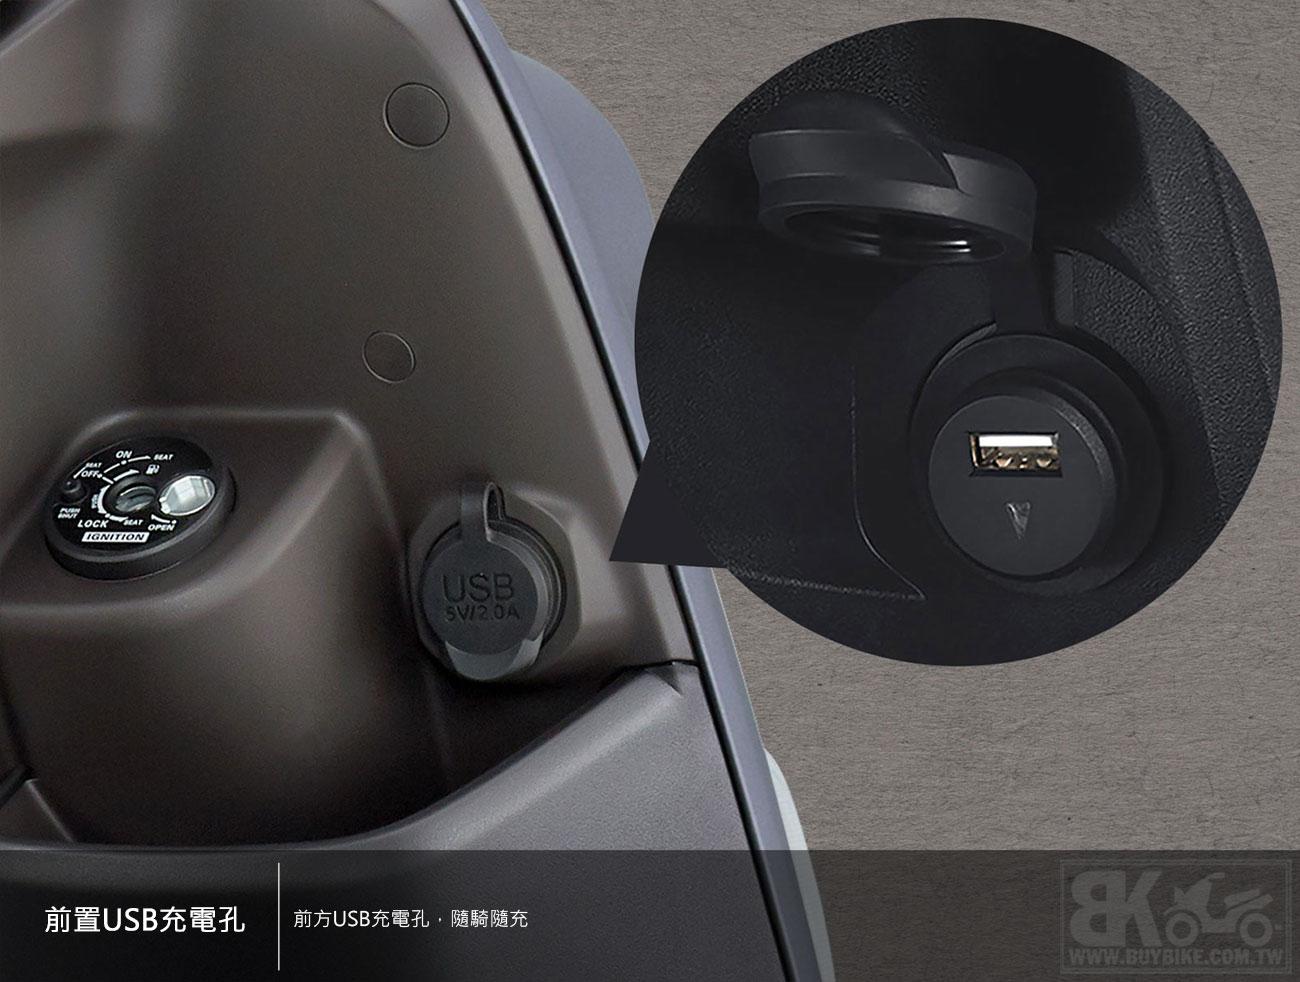 05.前置USB充電孔